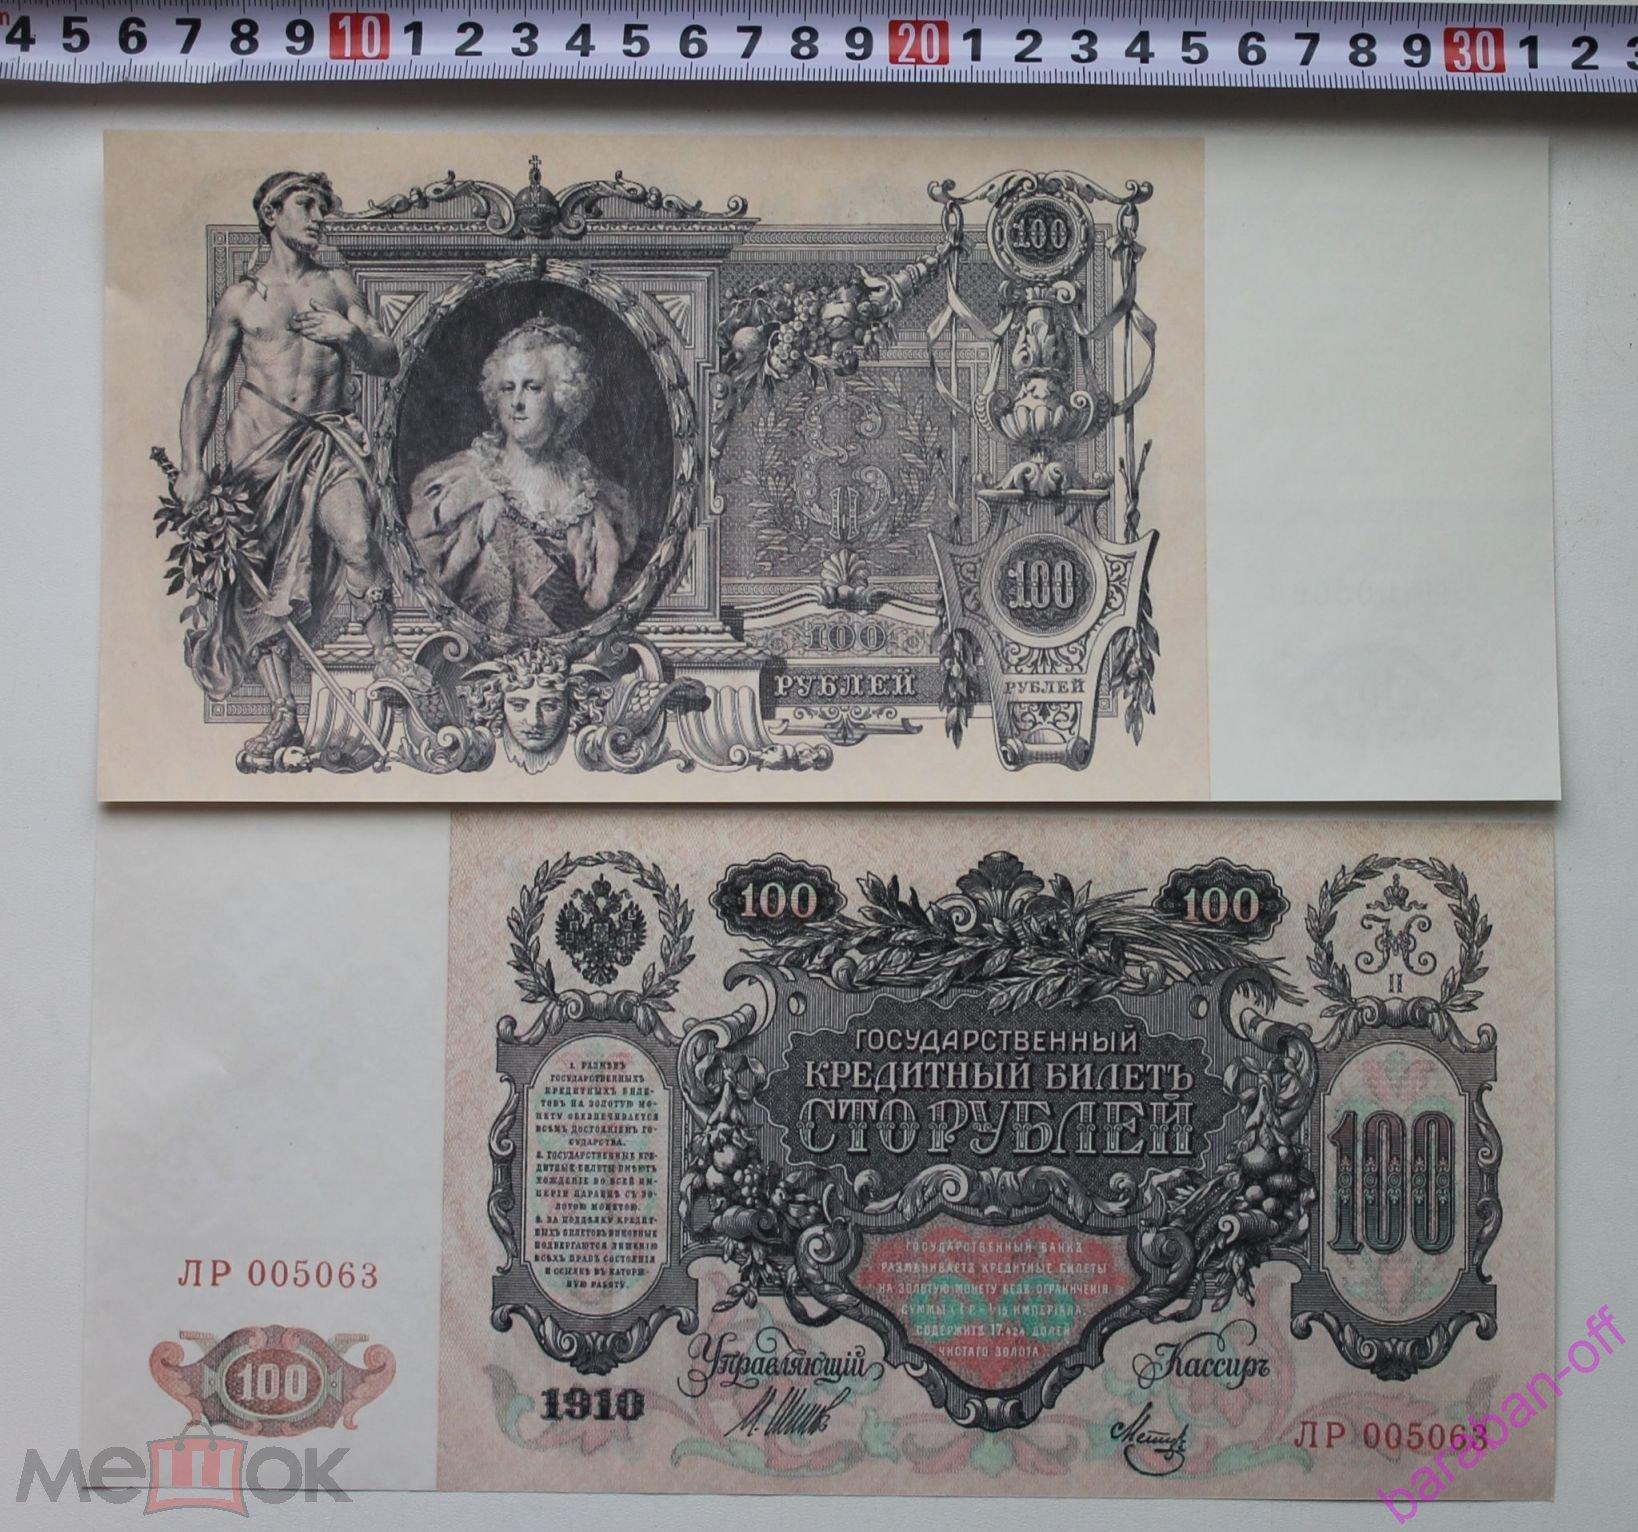 100 РУБЛЕЙ 1947. 100 РУБЛЕЙ 1910 500 РУБЛЕЙ 1912 ТРИ РЕДКИЕ БОНЫ